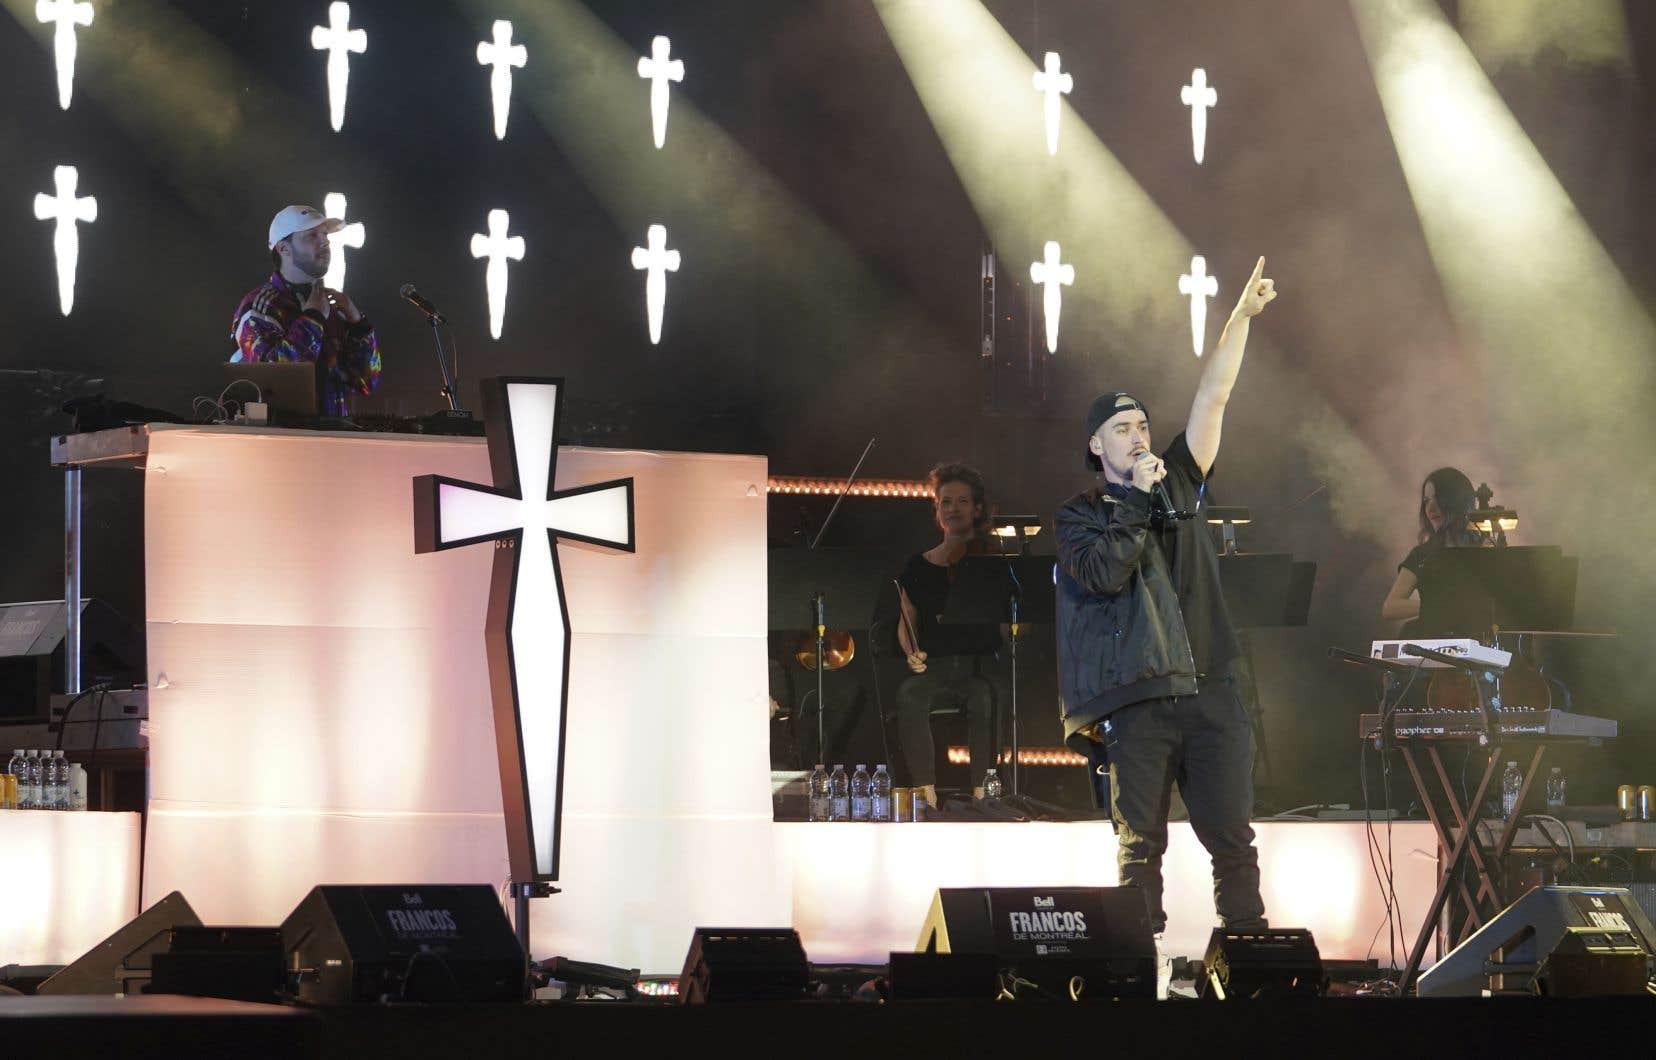 Le rappeur québécois Koriass jouaitsur scène avec DJ Manifest, juché sur une plateforme sur laquelle était installée une croix lumineuse géante.